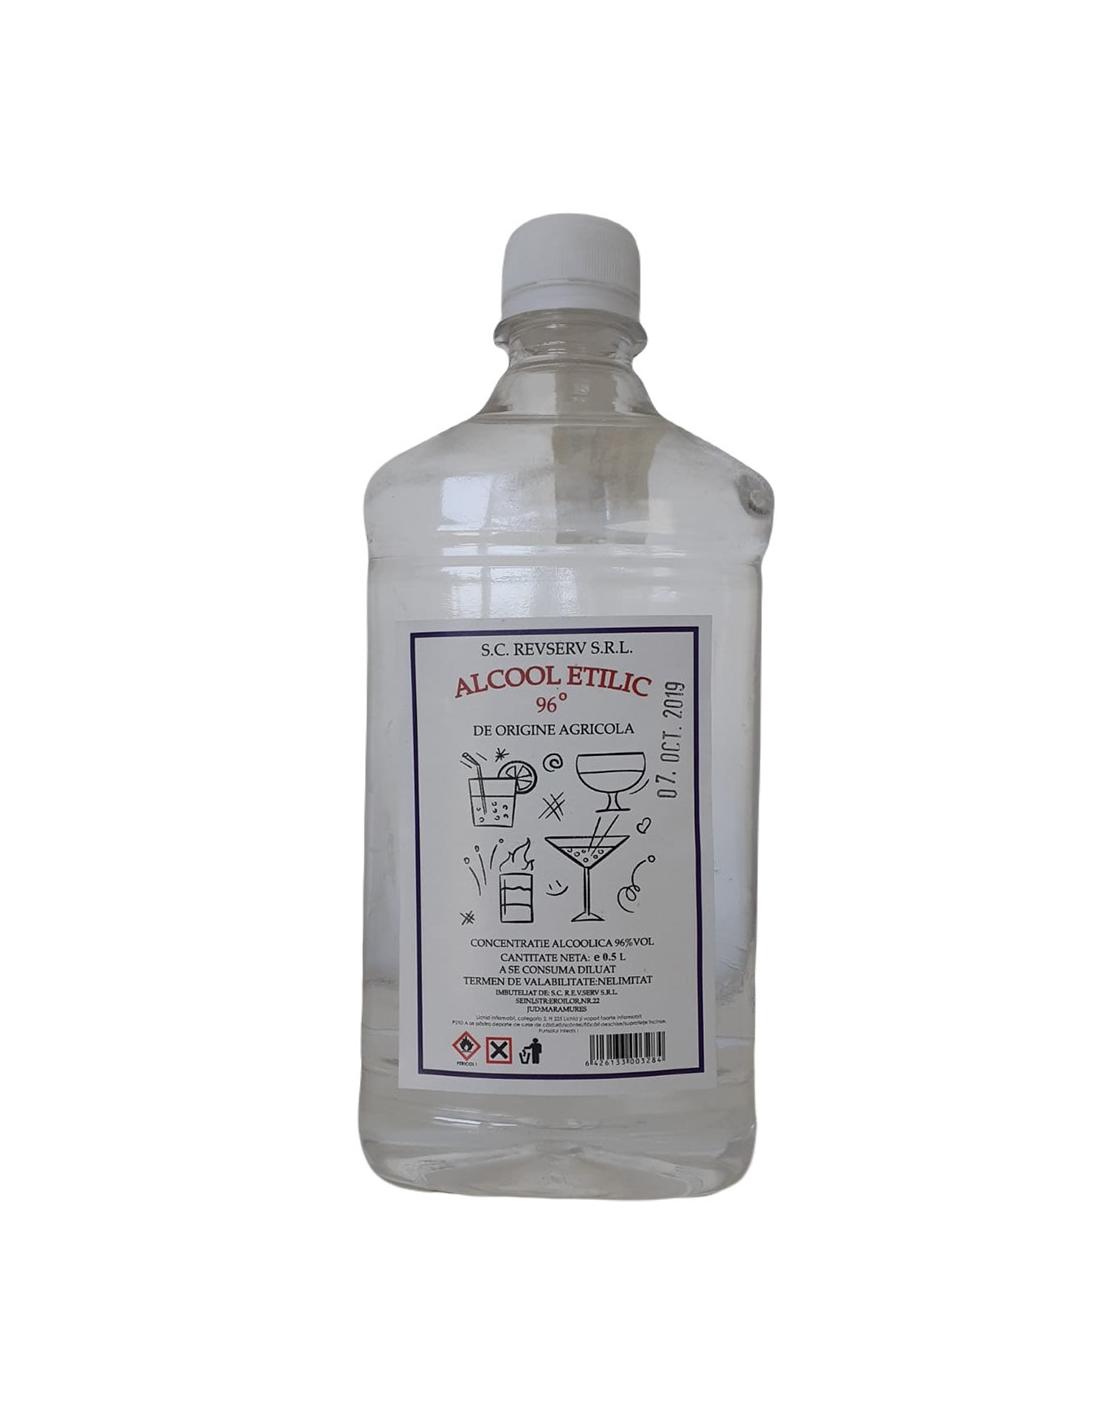 Alcool etilic de origine agricola, 96% alc., 0.5L